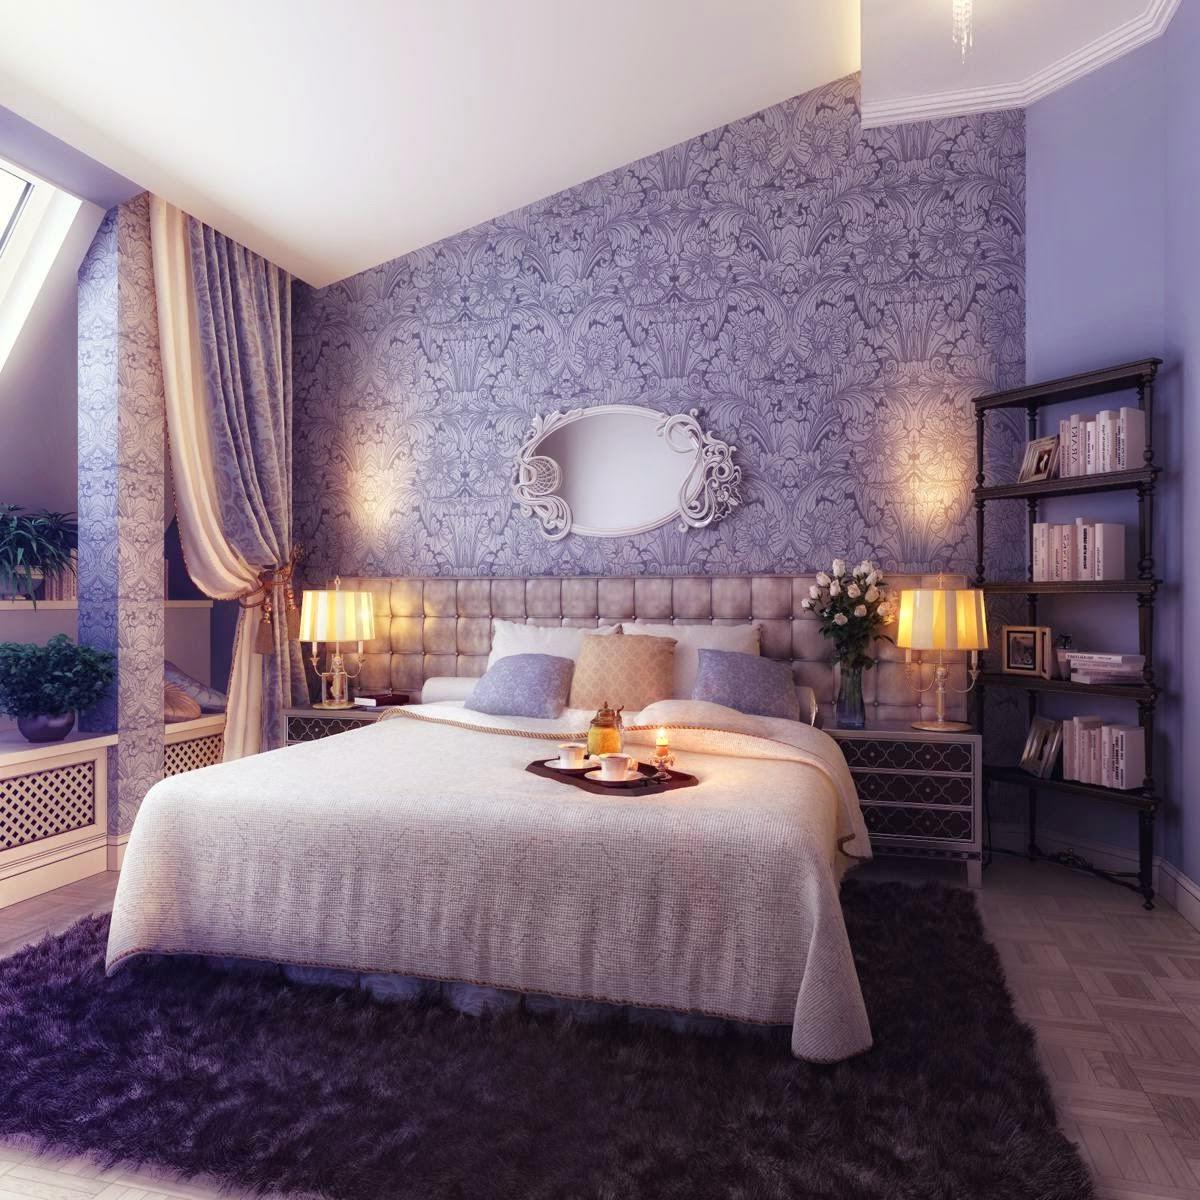 Fotos de cuartos rom nticos dormitorios colores y estilos - Camas estilo romantico ...